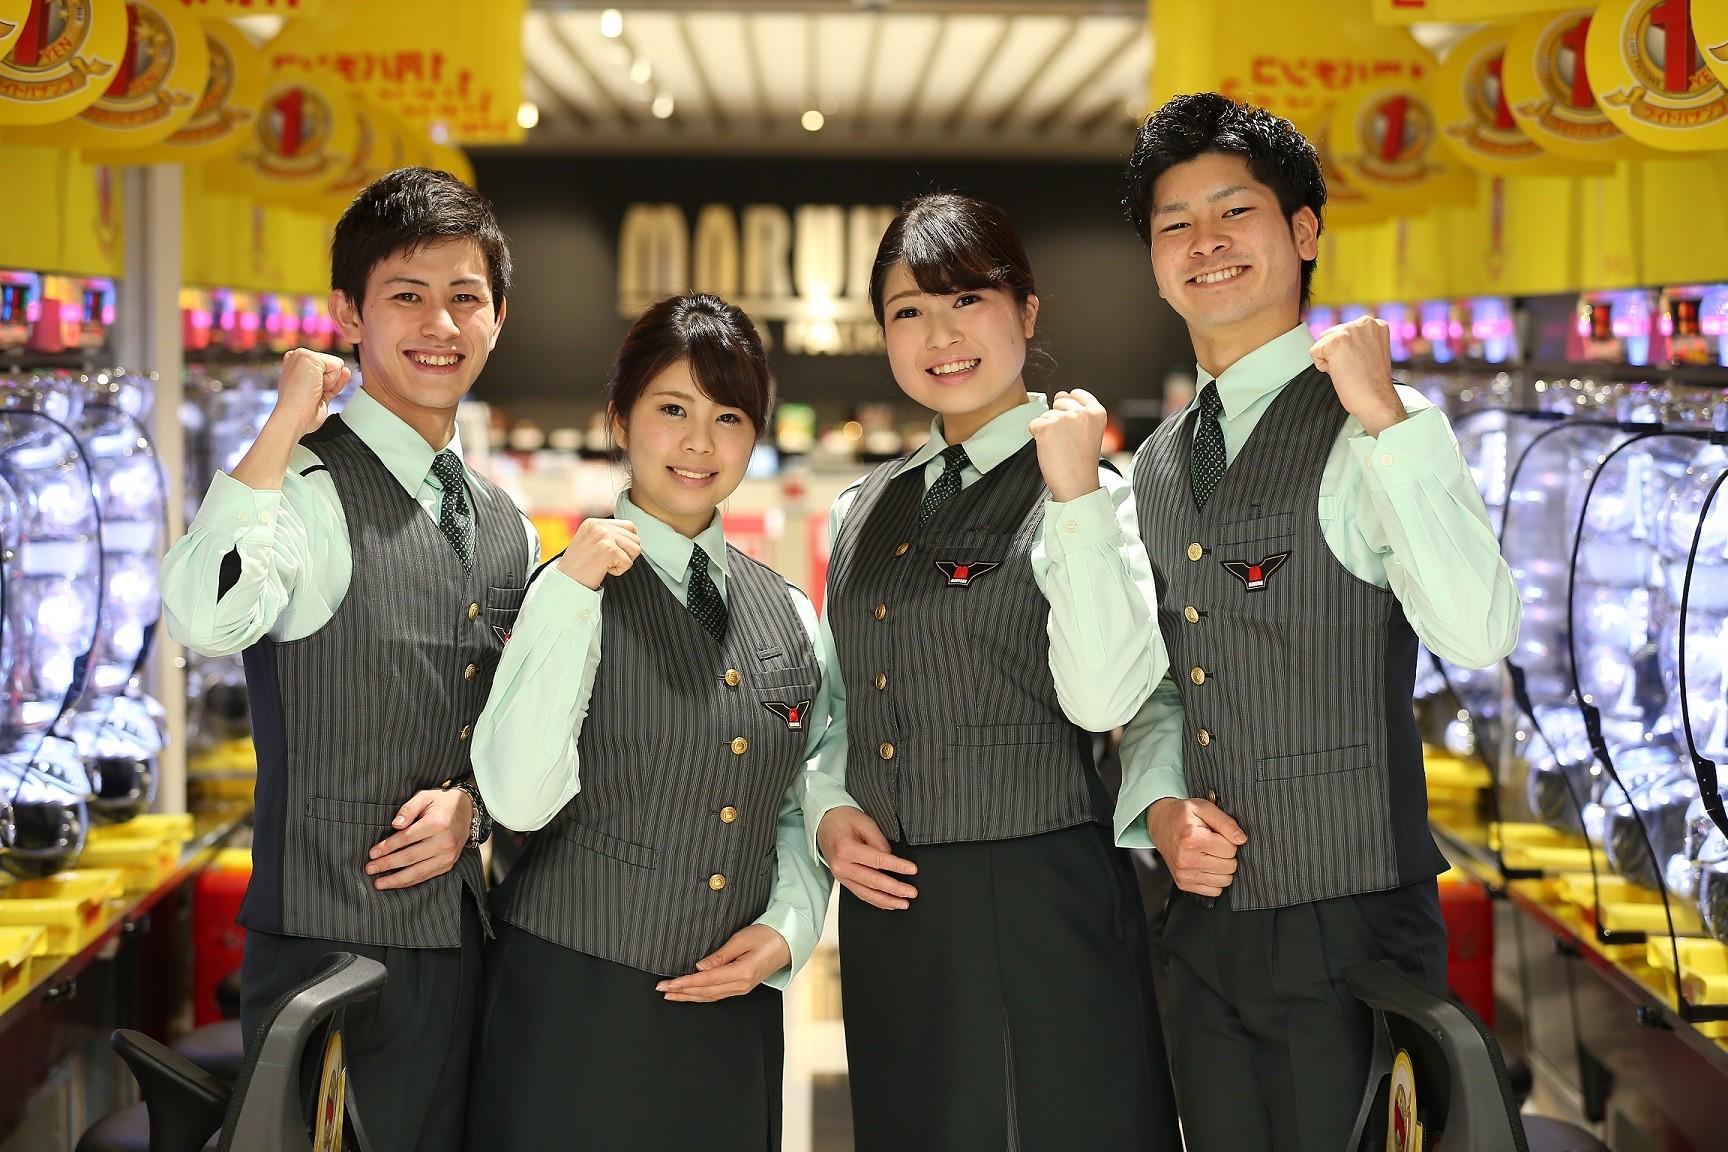 マルハン 高松店[3702]のアルバイト情報